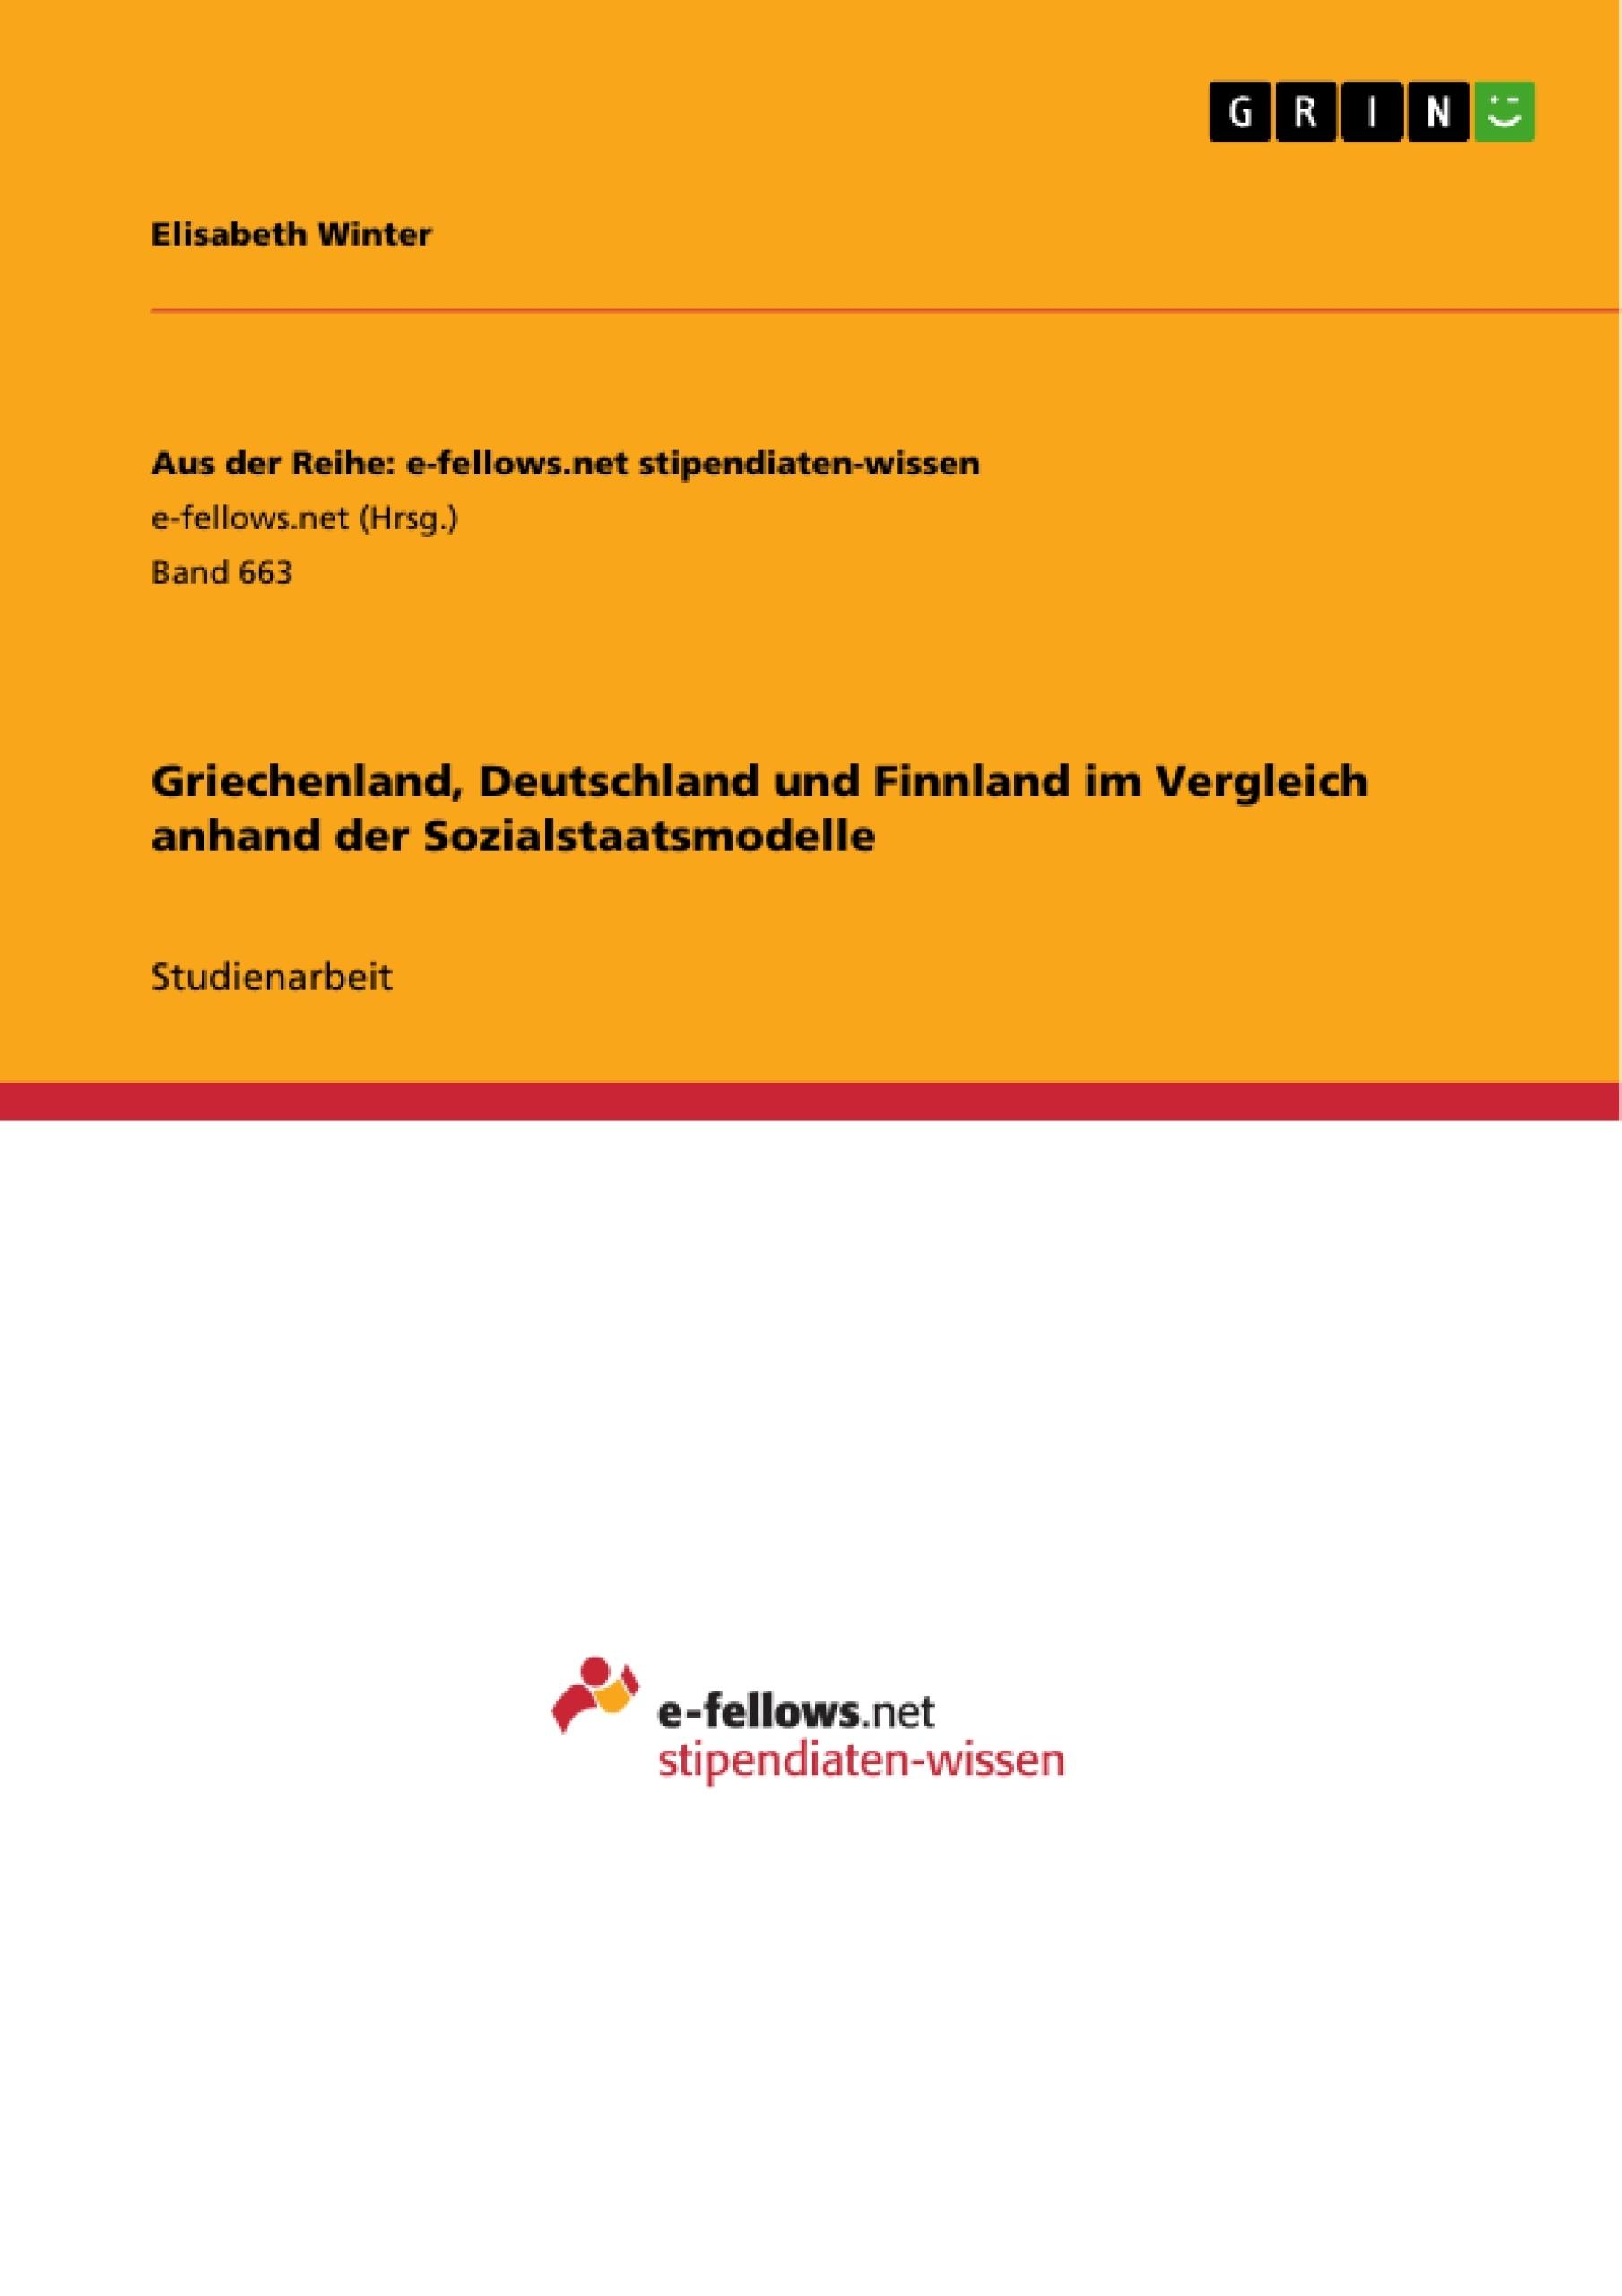 Titel: Griechenland, Deutschland und Finnland im Vergleich anhand der Sozialstaatsmodelle